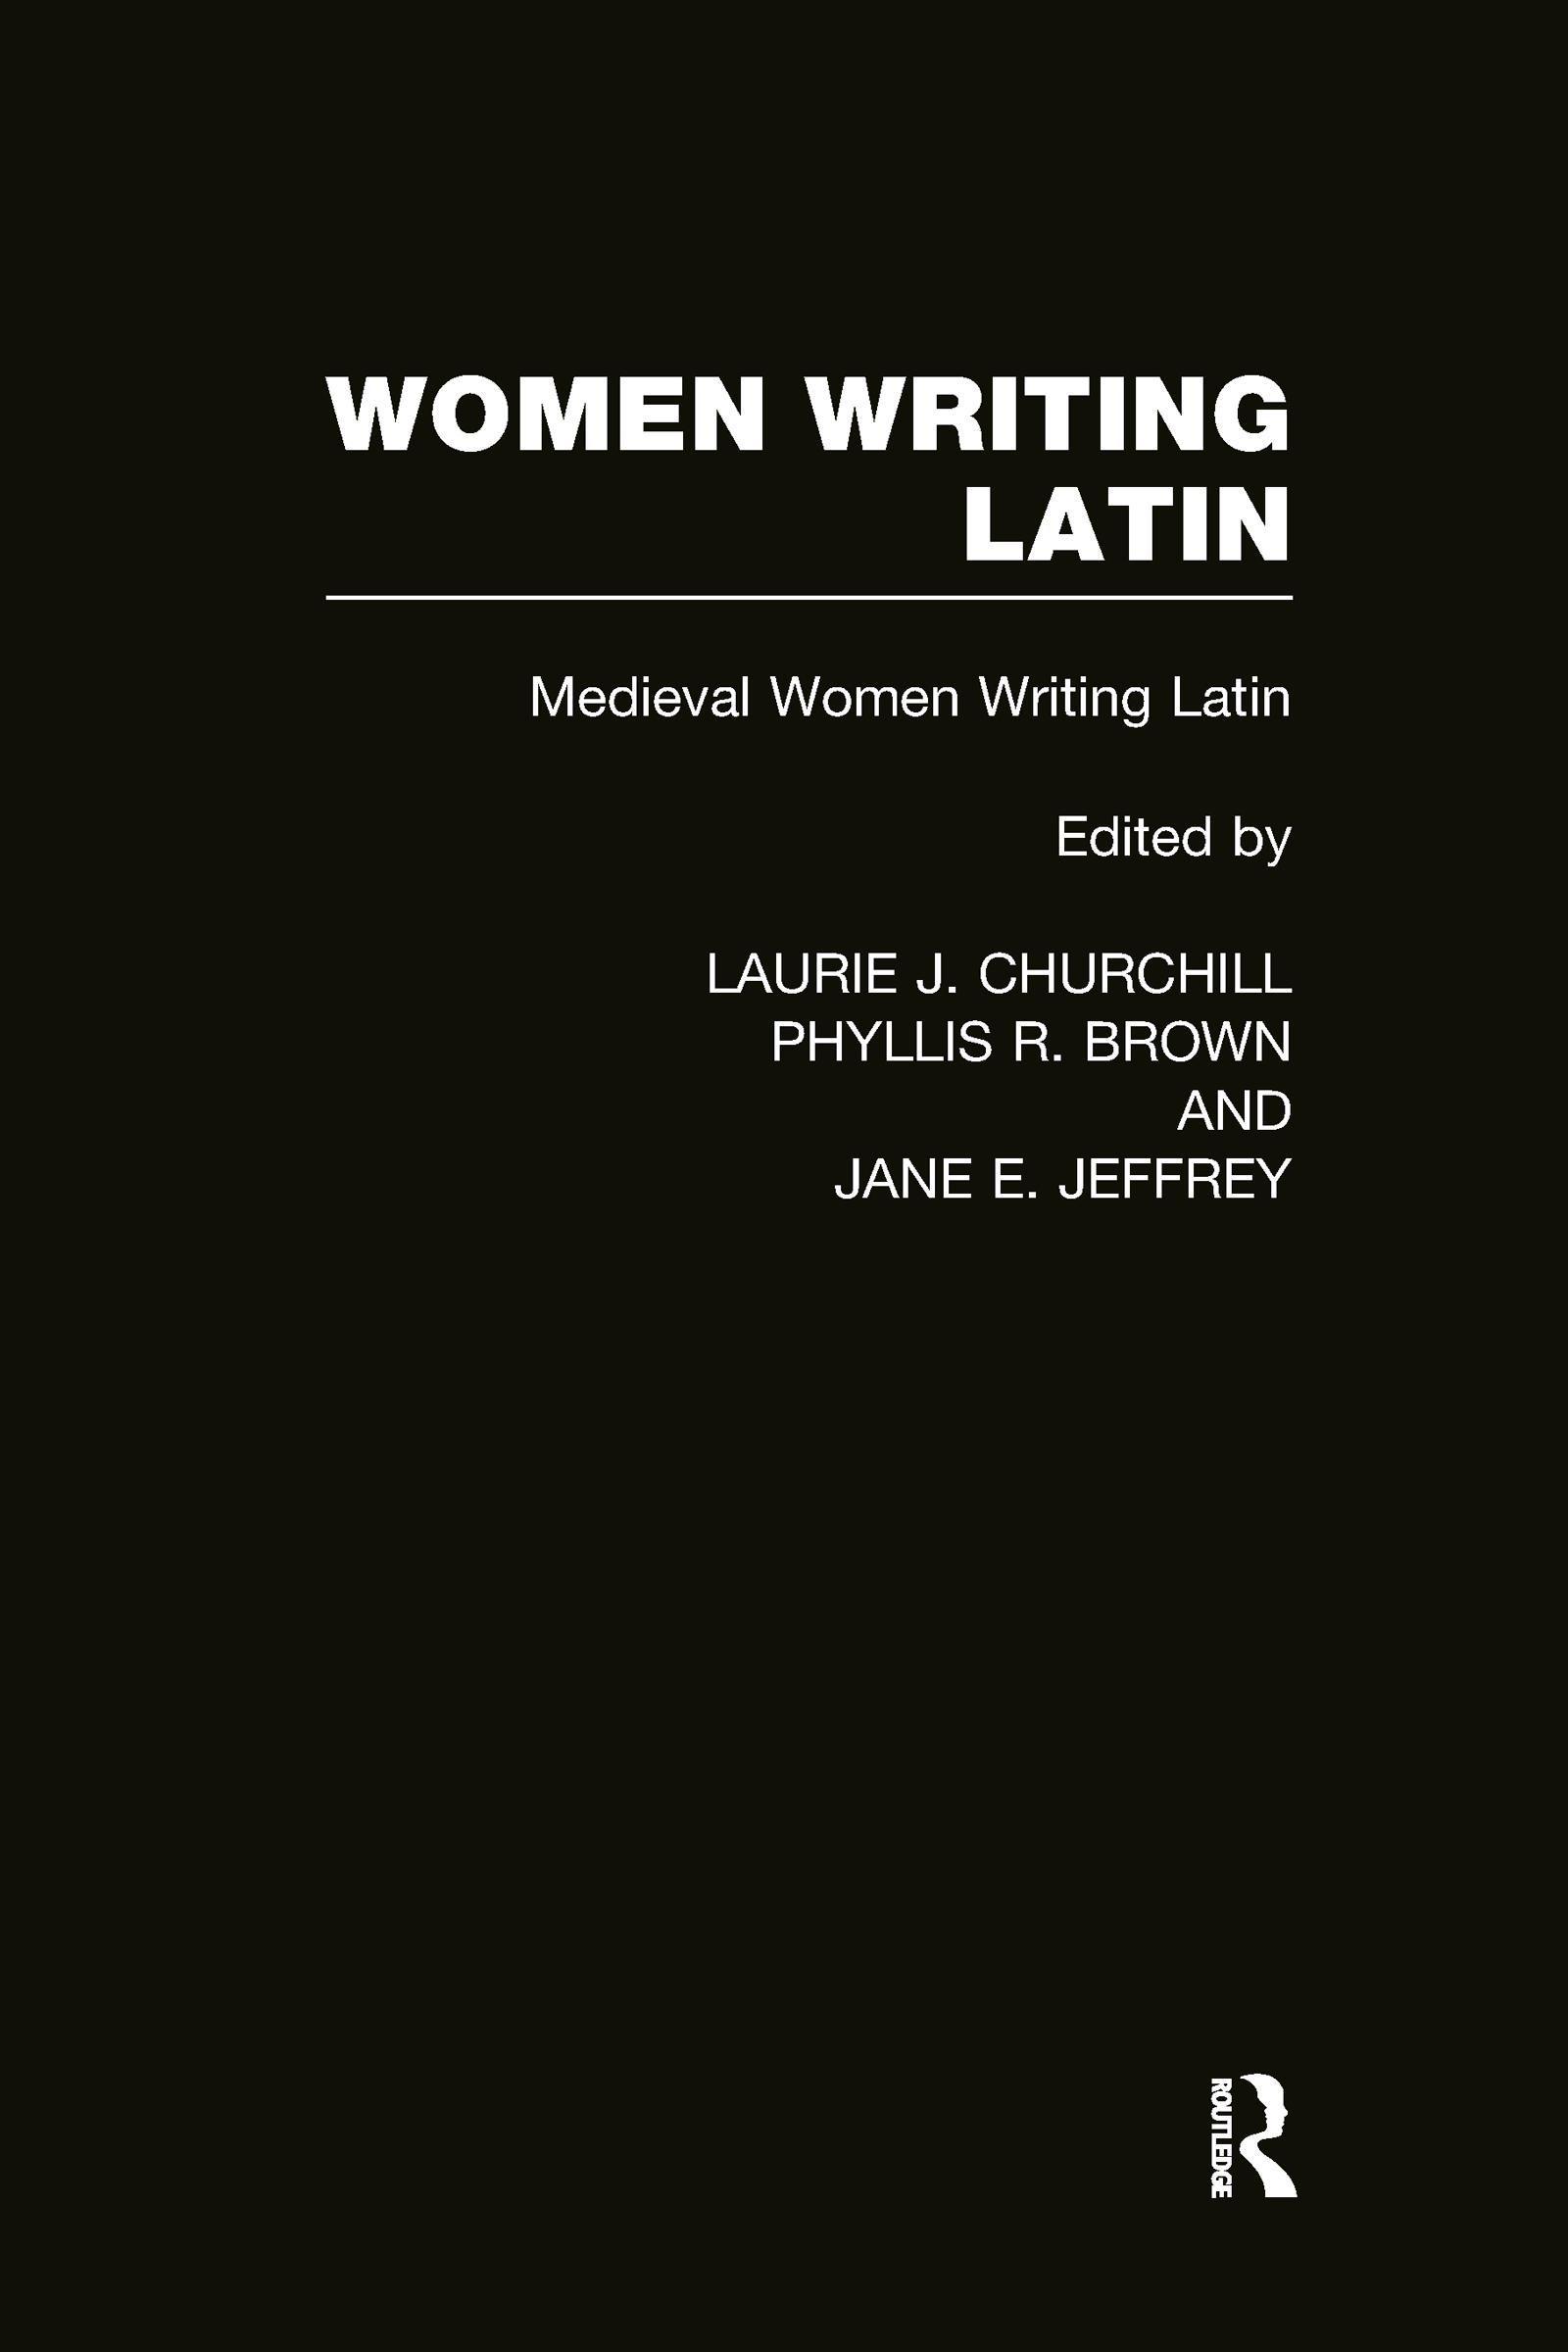 Women Writing Latin: Medieval Modern Women Writing Latin (Hardback) book cover